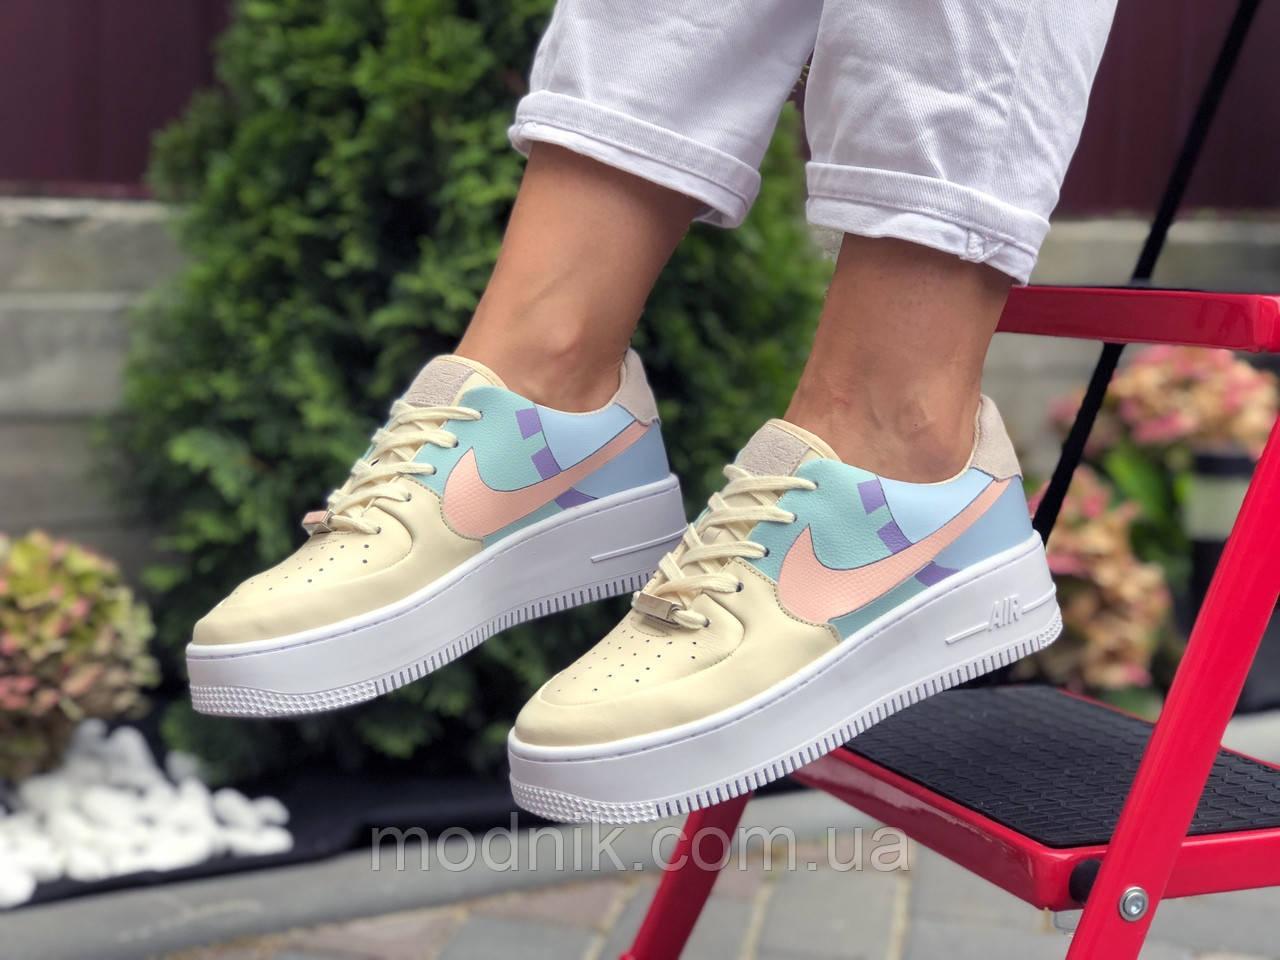 Женские кроссовки Nike Air Force 1 (бежево-голубые) 9677